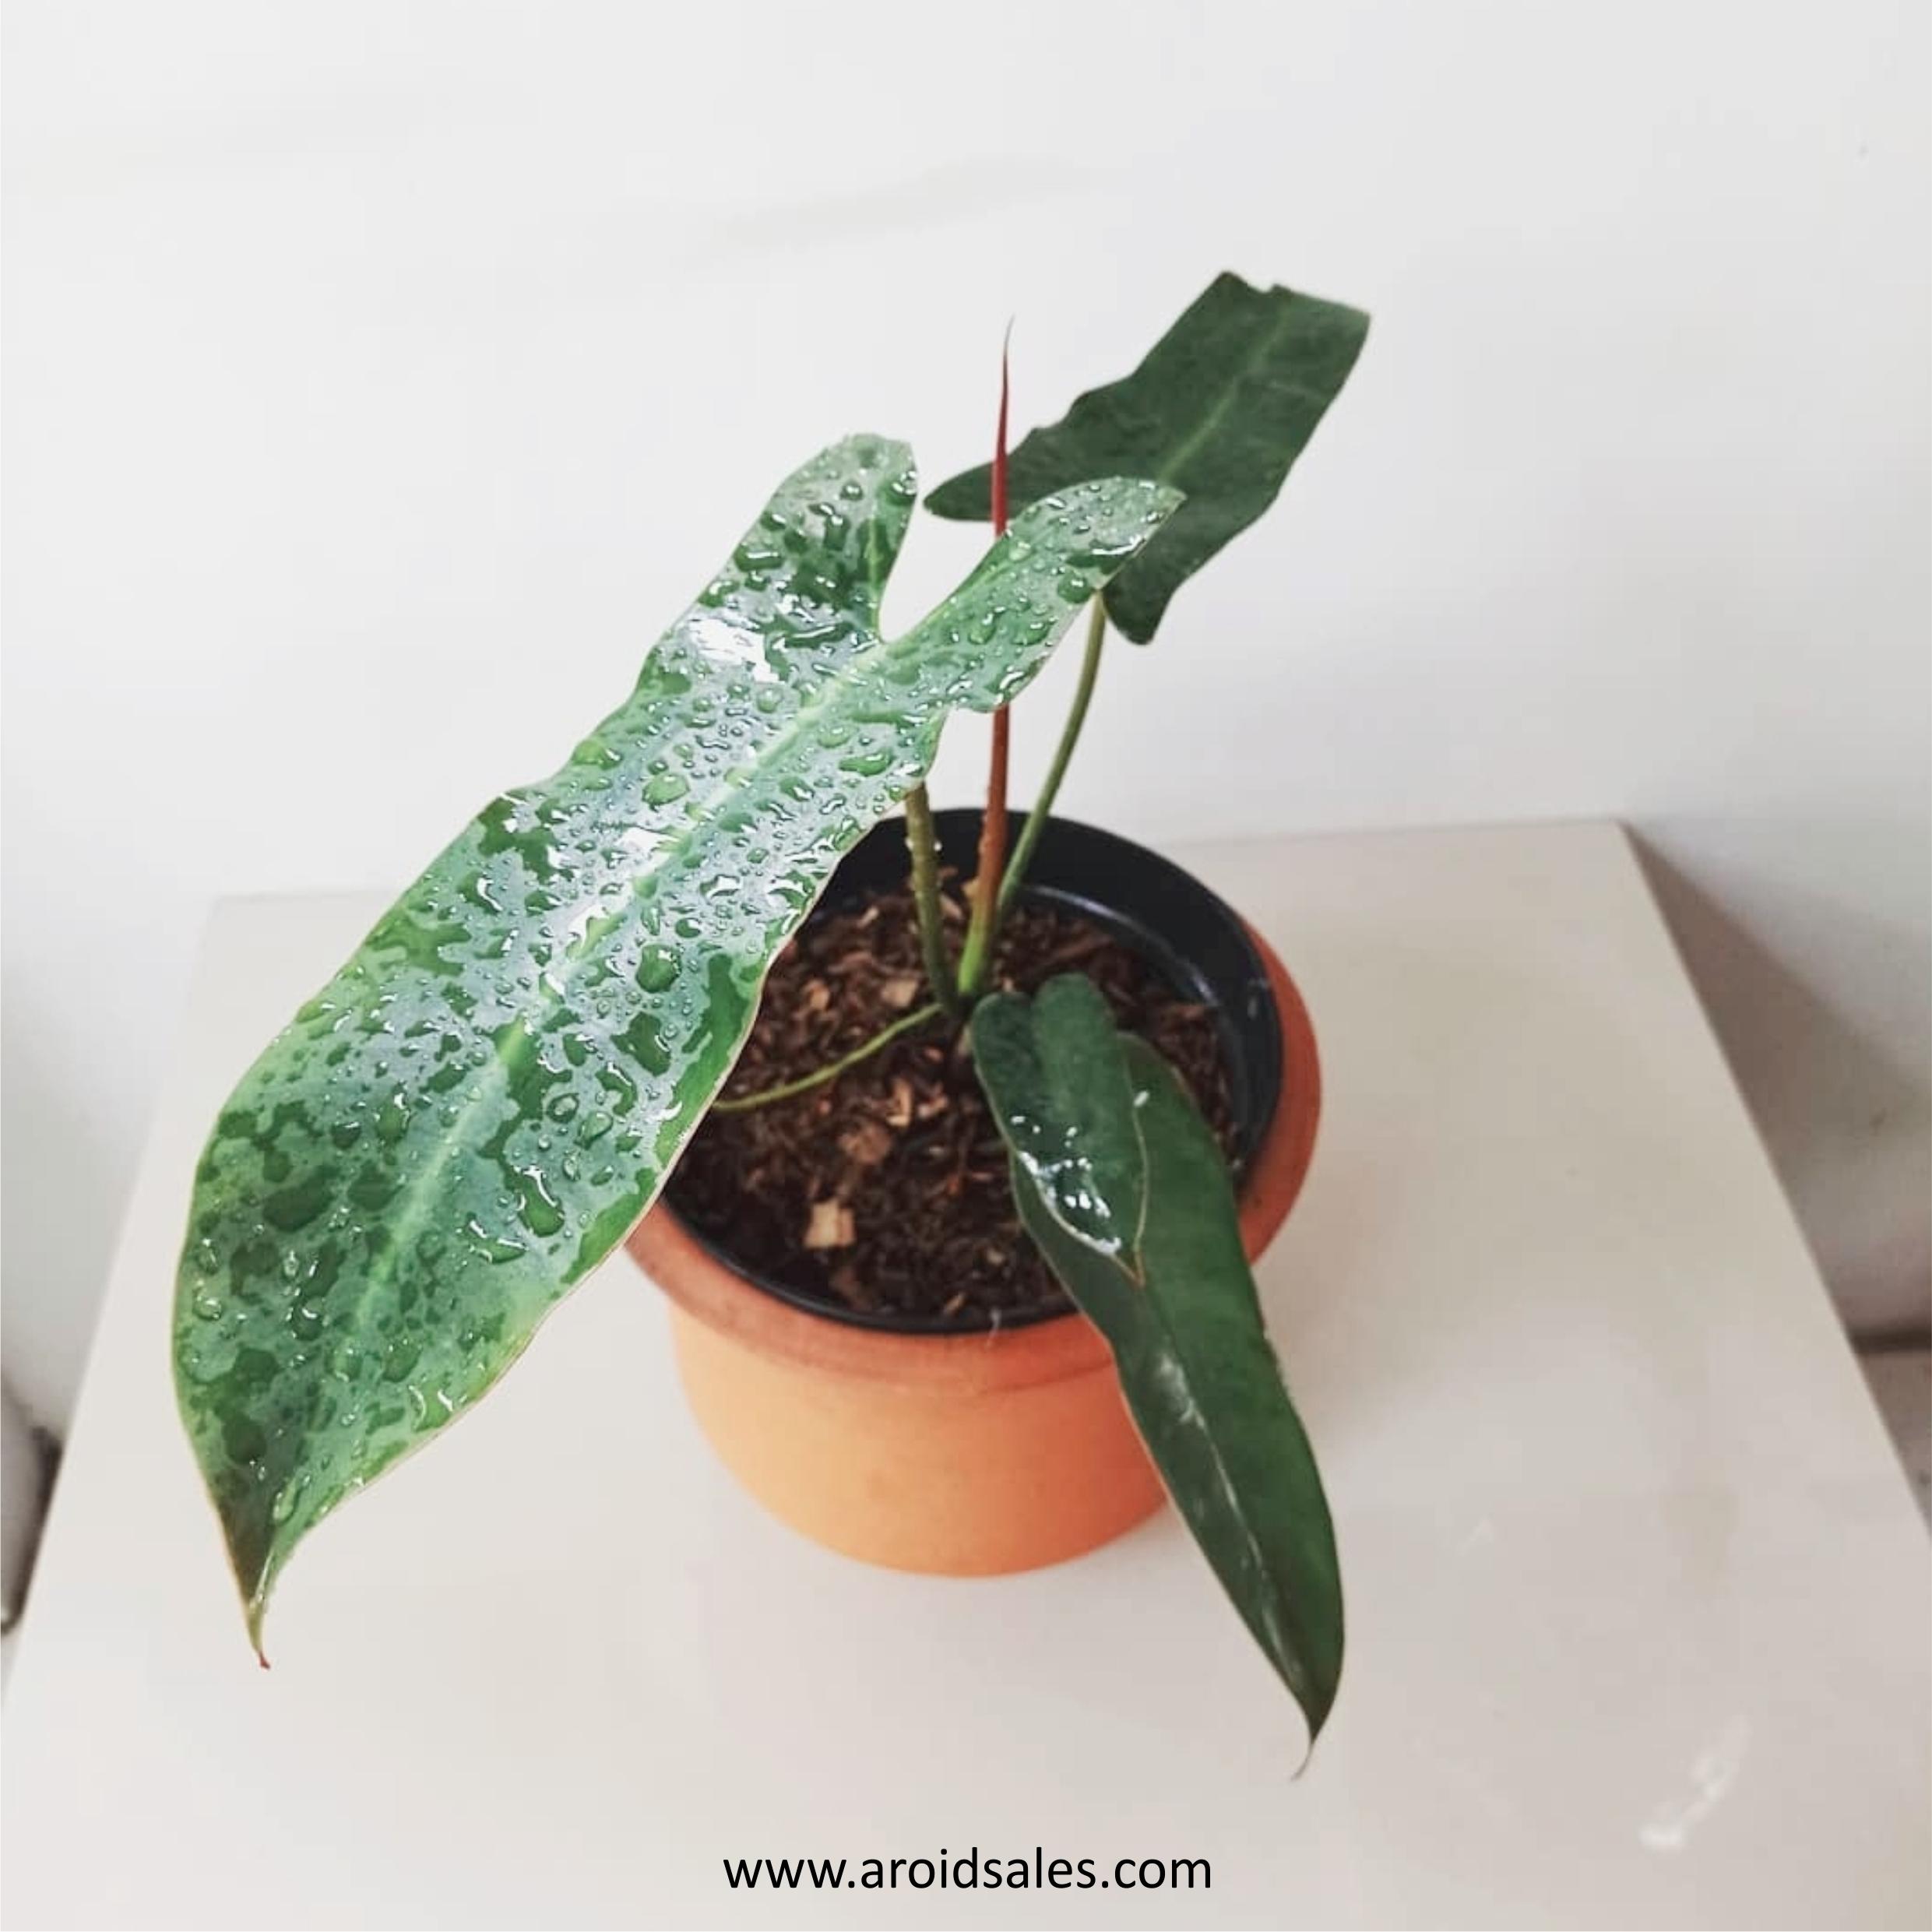 Philodendron Atabapoense, plants seller, plants shop, plants store, for sale, wholesale, plants supplier